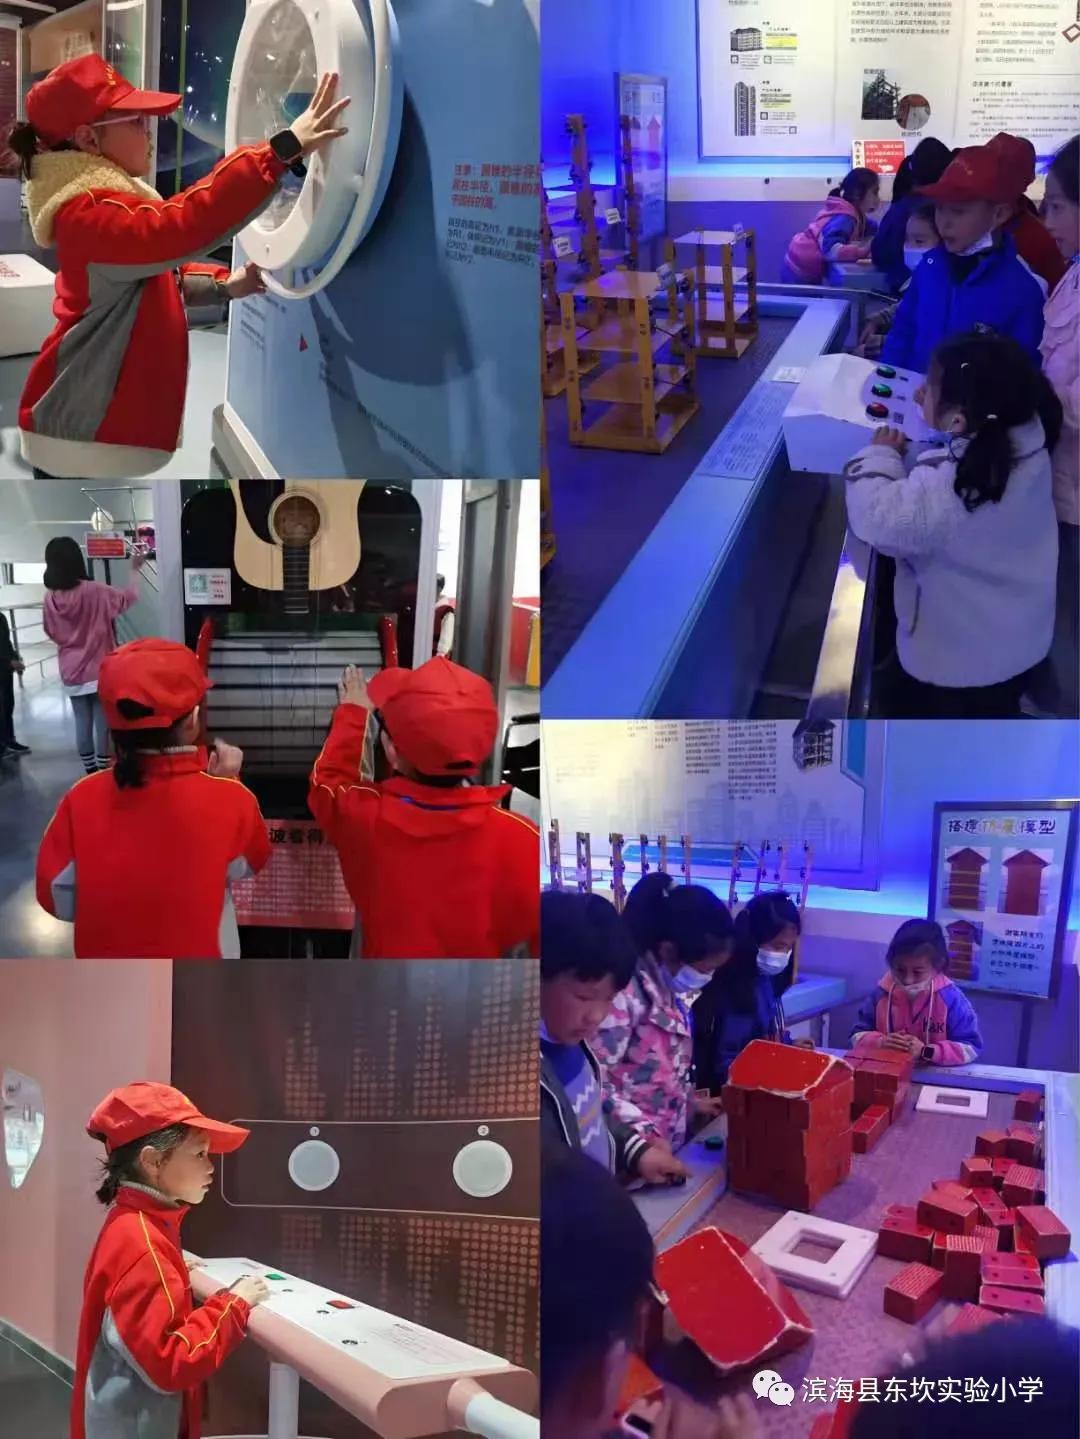 江苏滨海县东坎街道中心小学小记者爱国教育实践活动